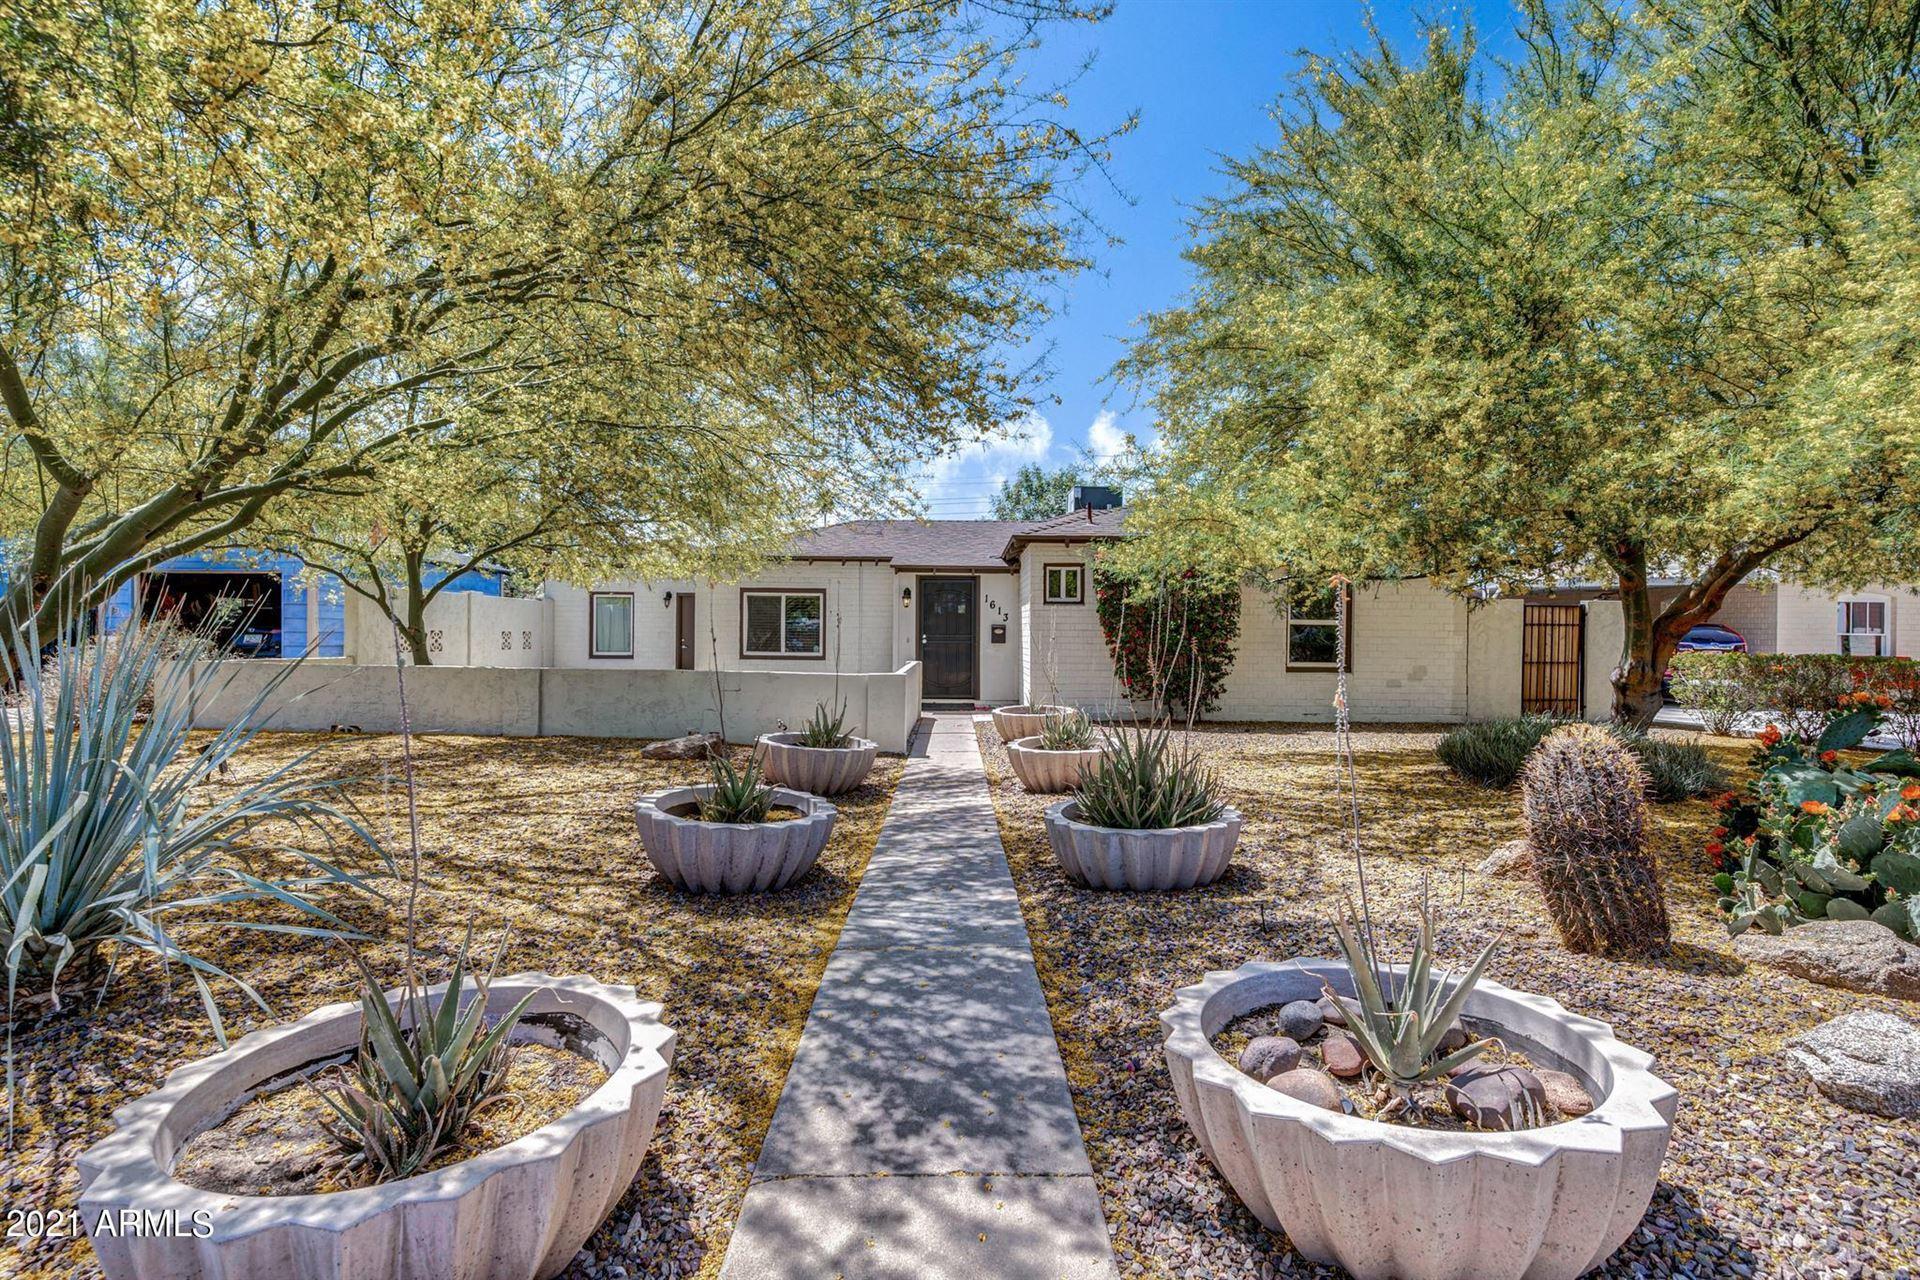 1613 W VERDE Lane, Phoenix, AZ 85015 - MLS#: 6227806